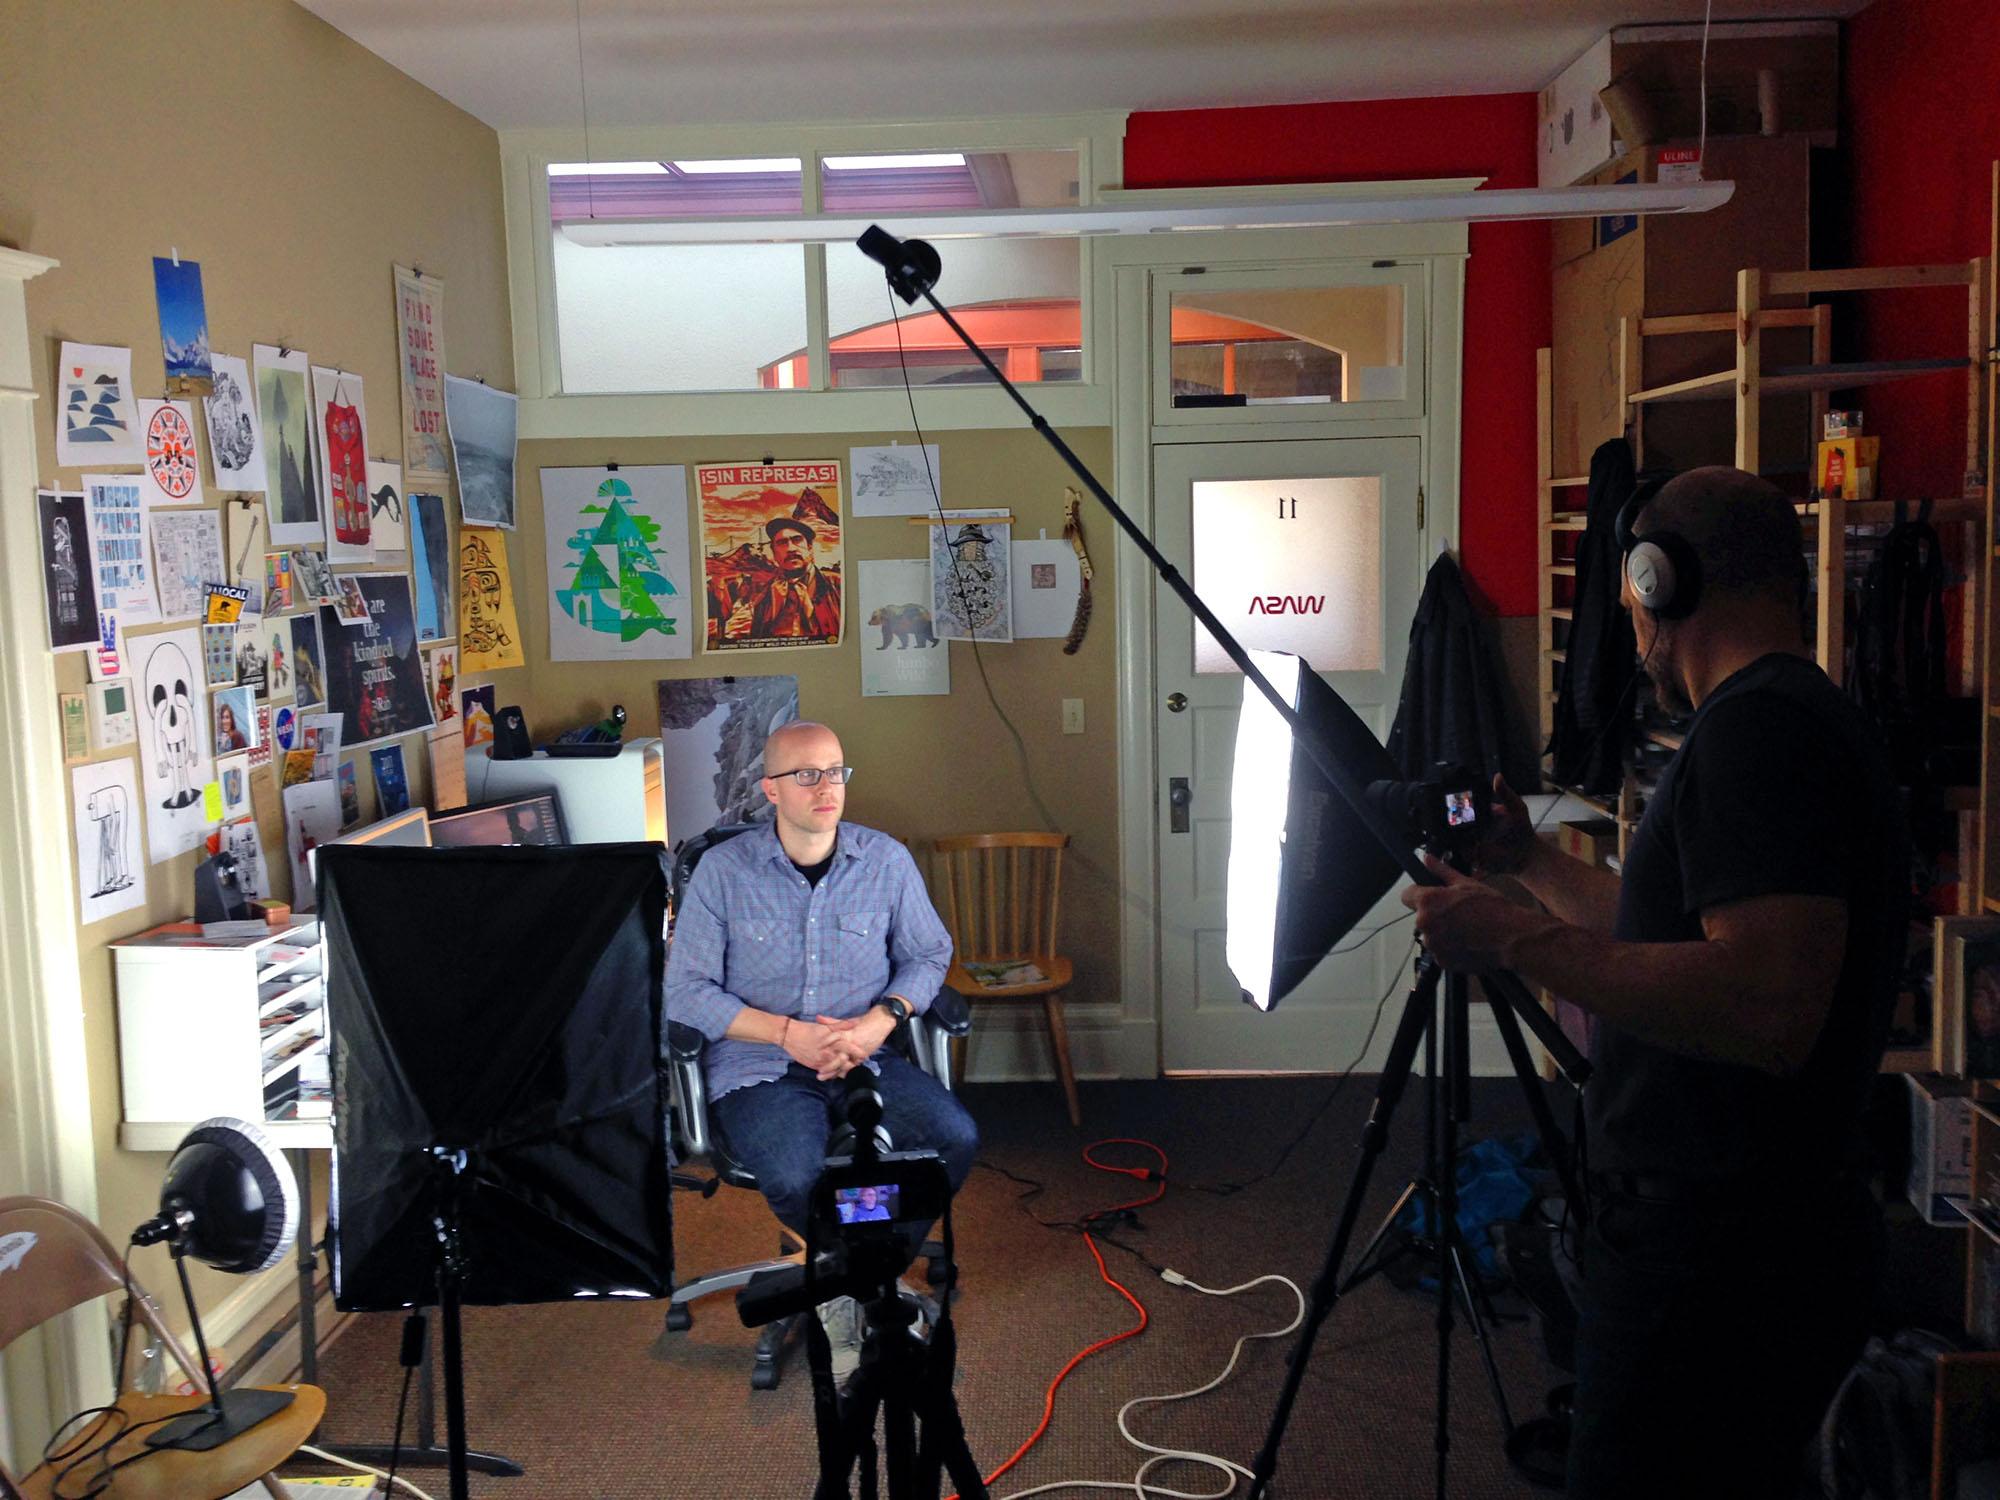 Bryan filming Seth in his studio